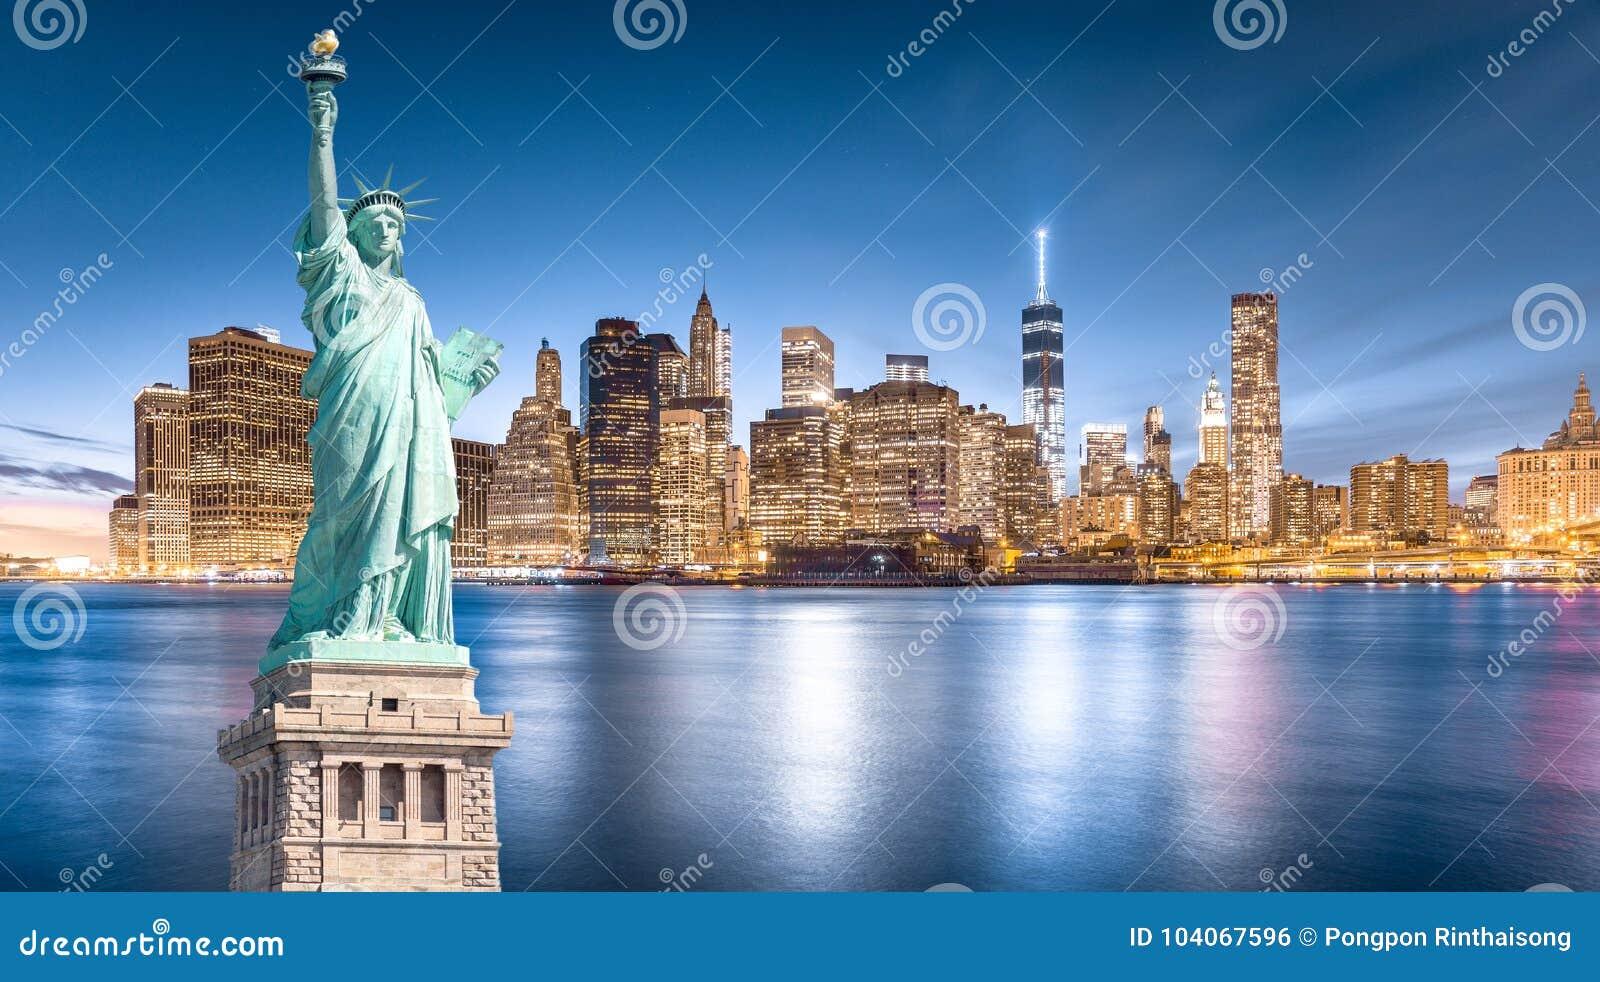 La statue de la liberté avec le fond de Lower Manhattan le soir, points de repère de New York City